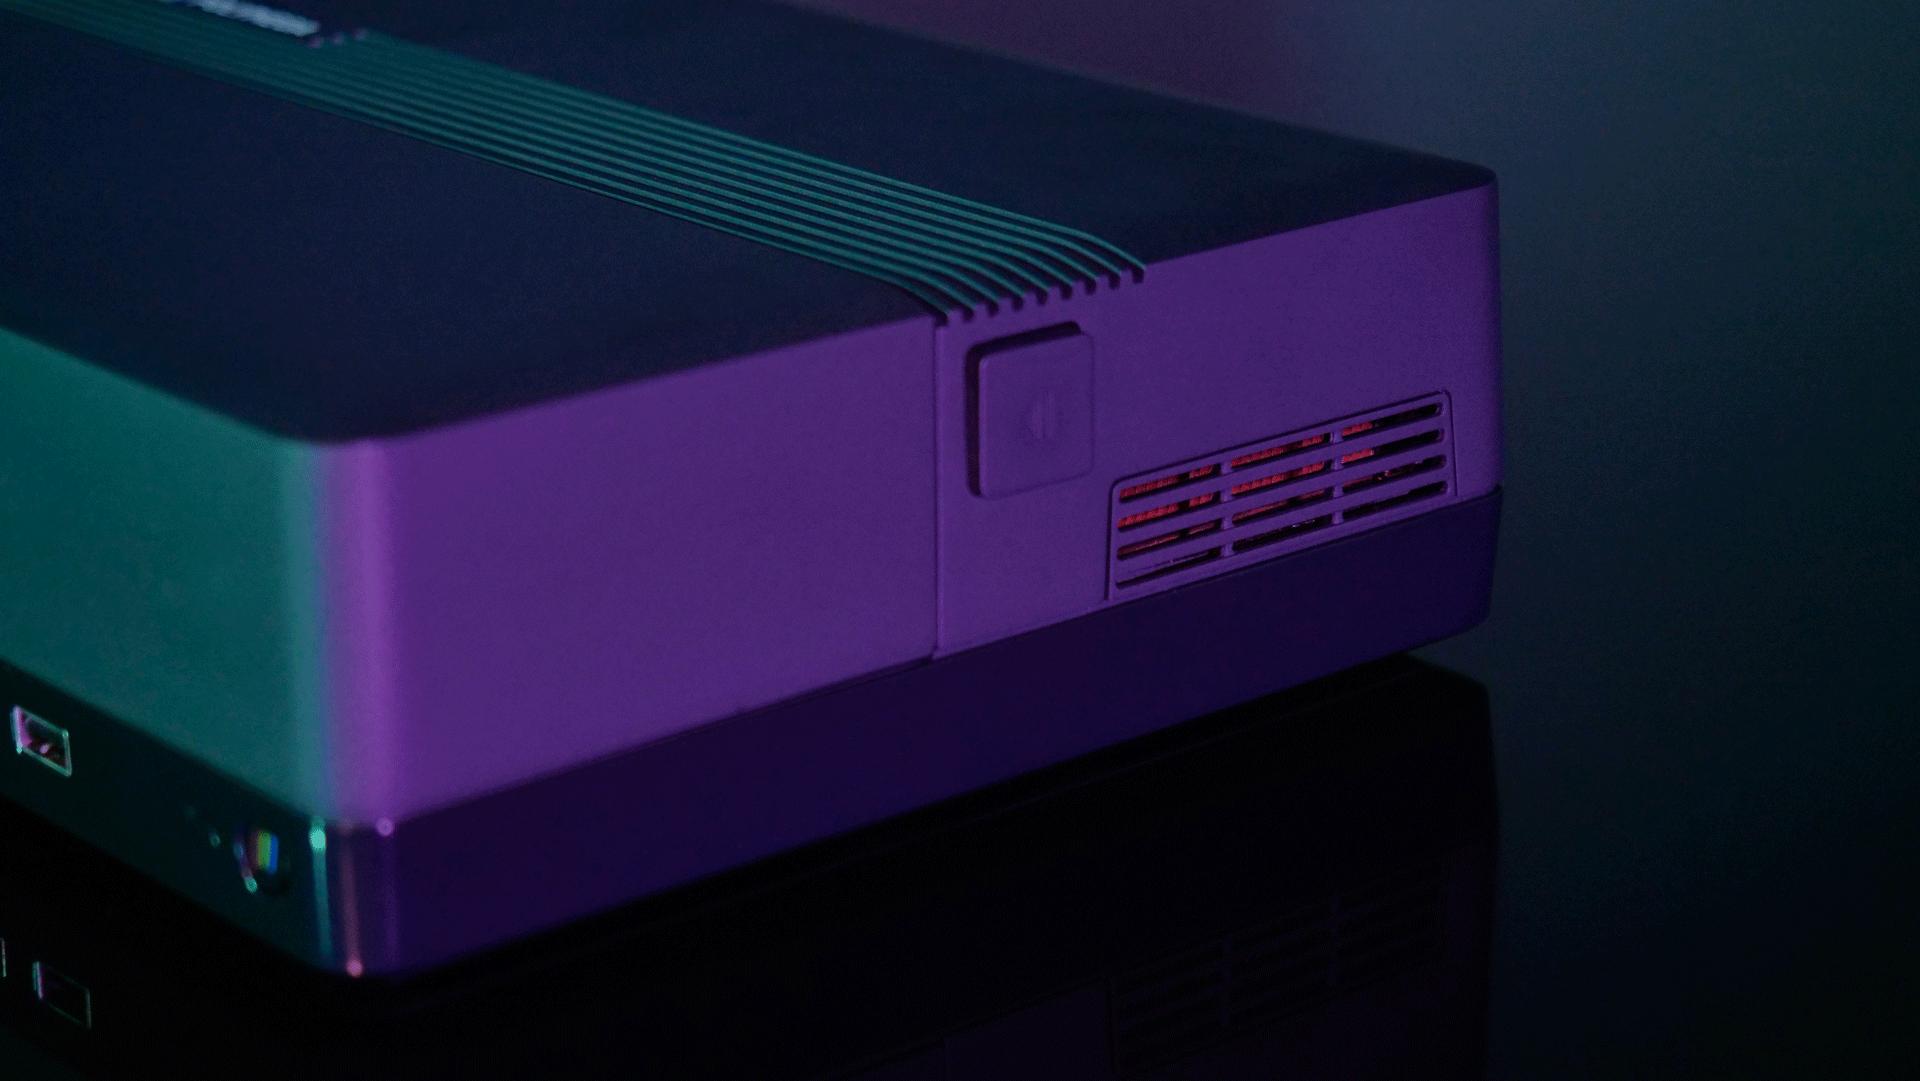 konsola polymega 5 - Nowa konsola Polymega ze wsparciem m.in. dla PlayStation oraz Sega Saturn